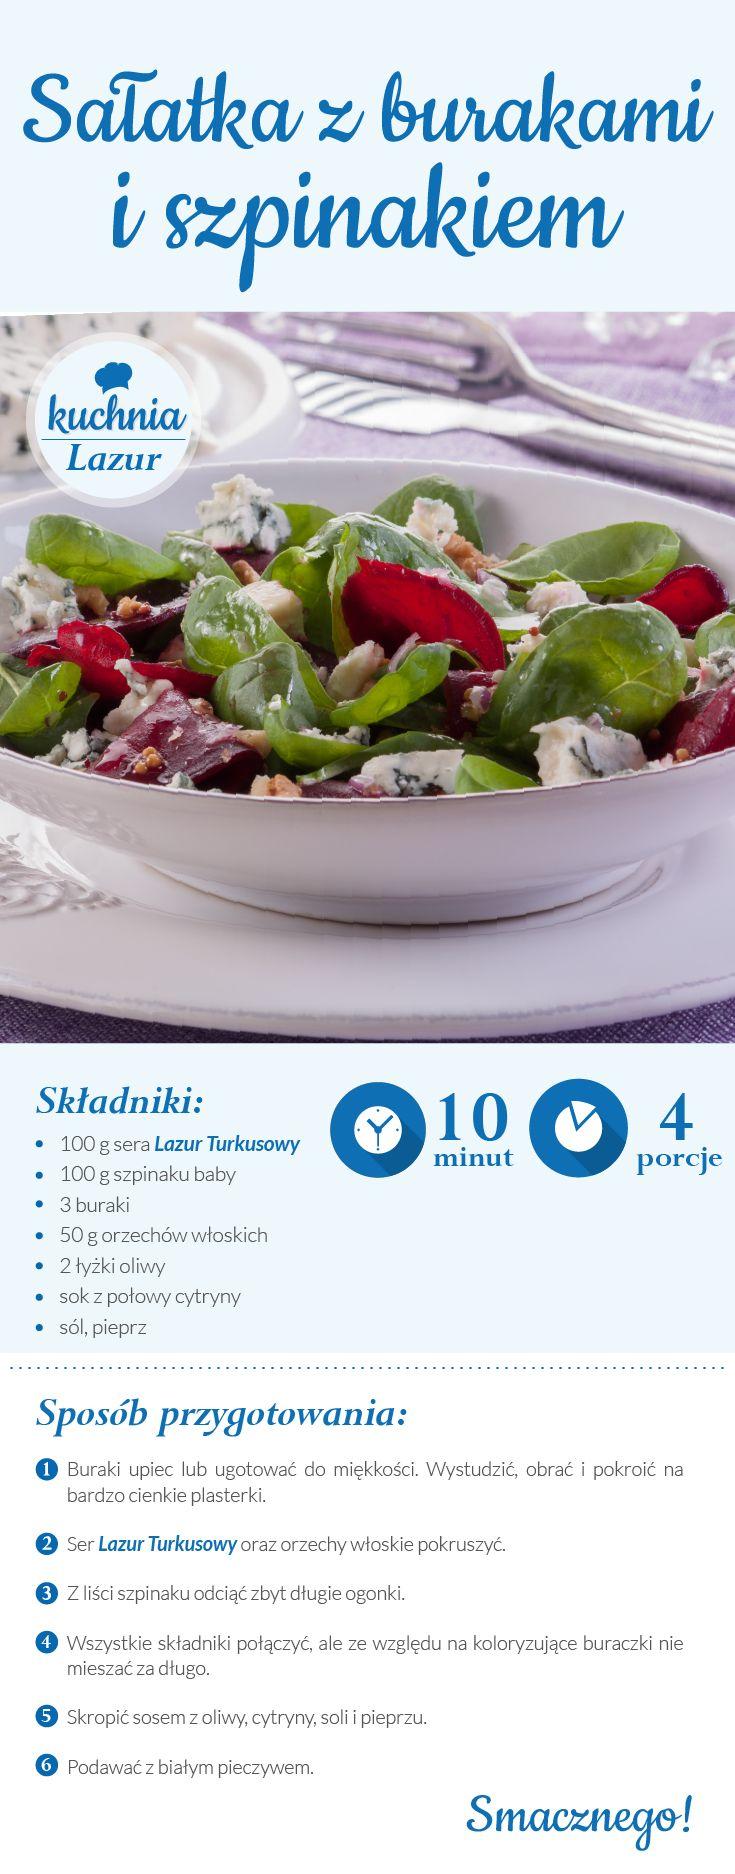 Sałatka z burakami i szpinakiem/ buraki/ szpinak/ser pleśniowy lazur/przepisy/ kuchnia lazur